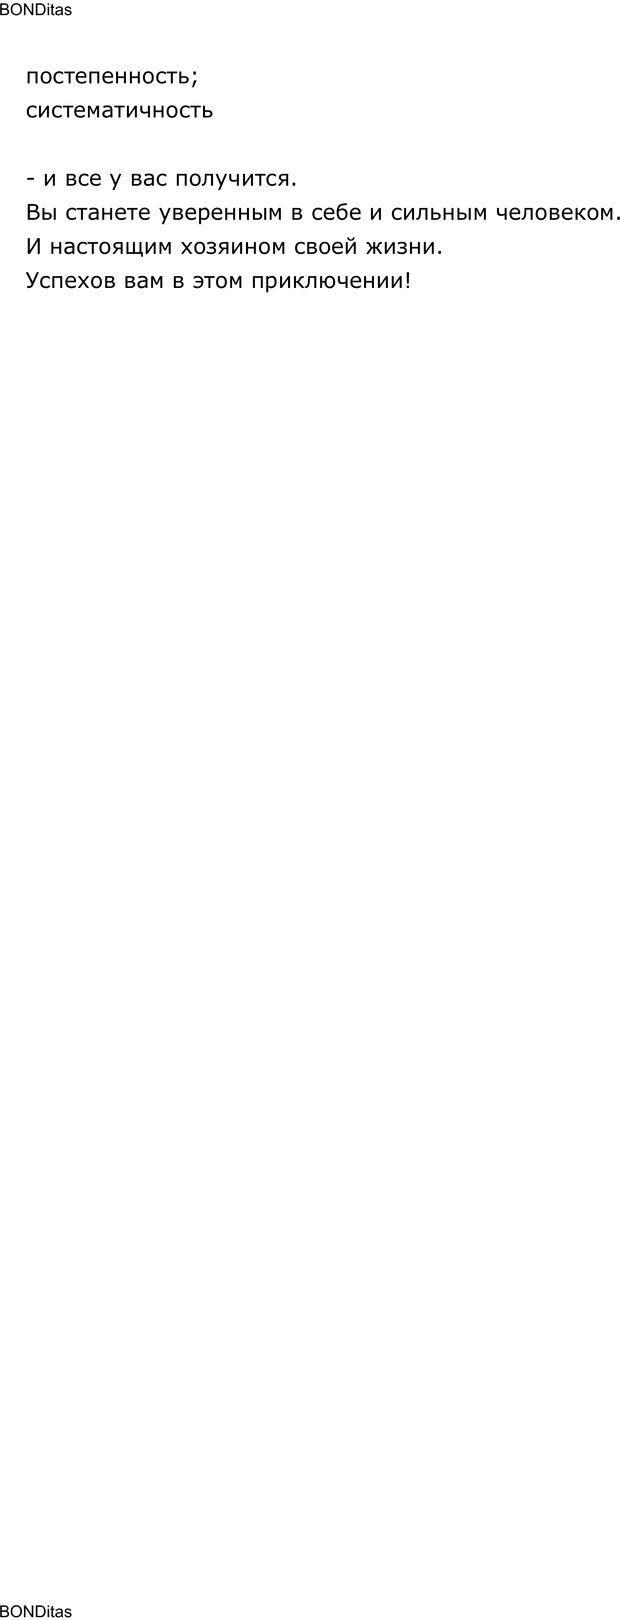 PDF. Сильный всегда прав (Сам себе психолог). Тукмаков А. В. Страница 104. Читать онлайн